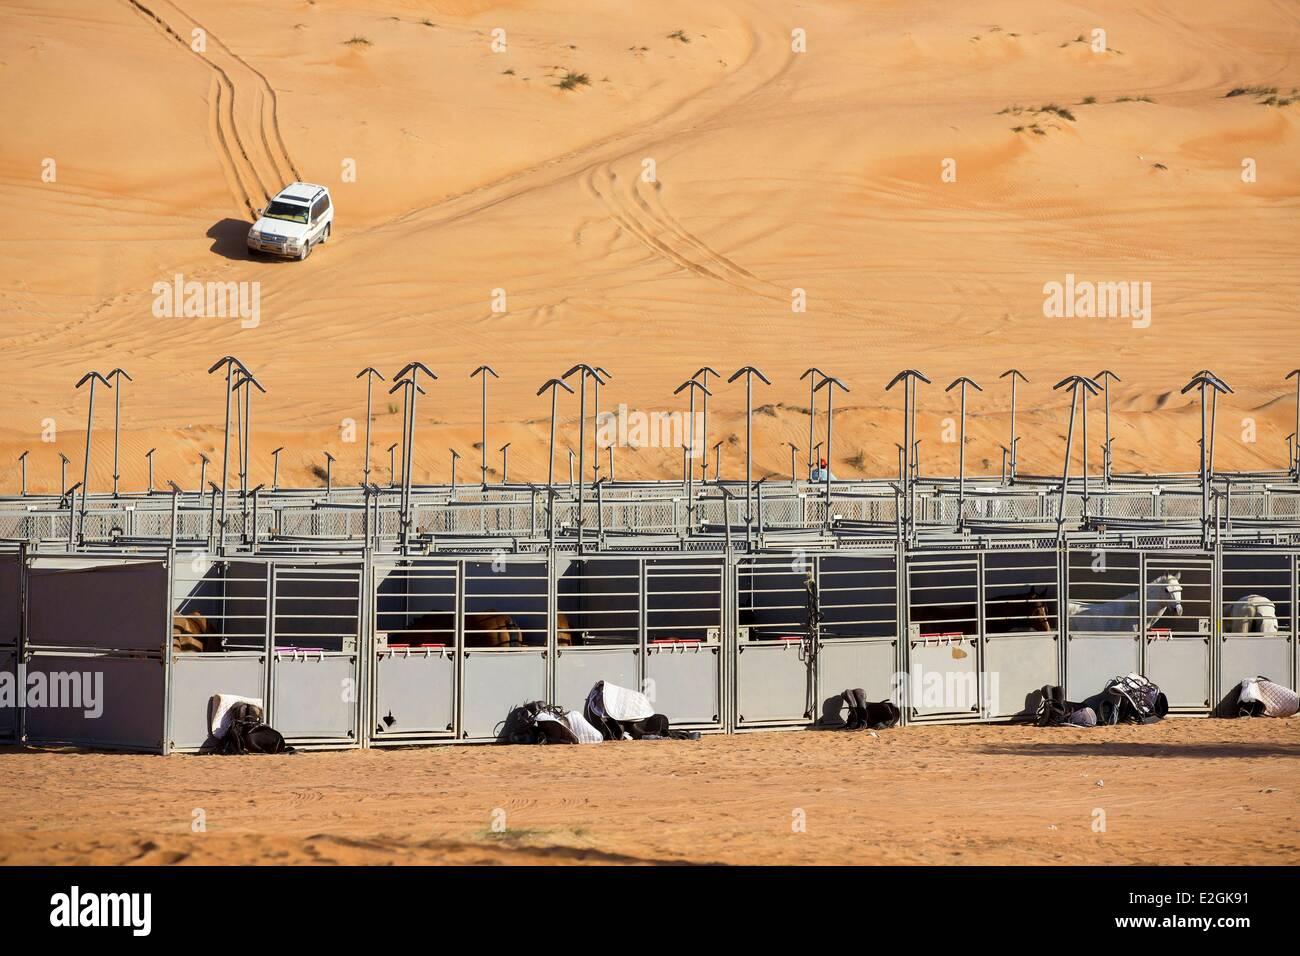 Il sultanato di Oman Ash Sharqiyyah regione Wahiba desert avventura equestre galoppa di Oman Tawi Wareed camp box Immagini Stock